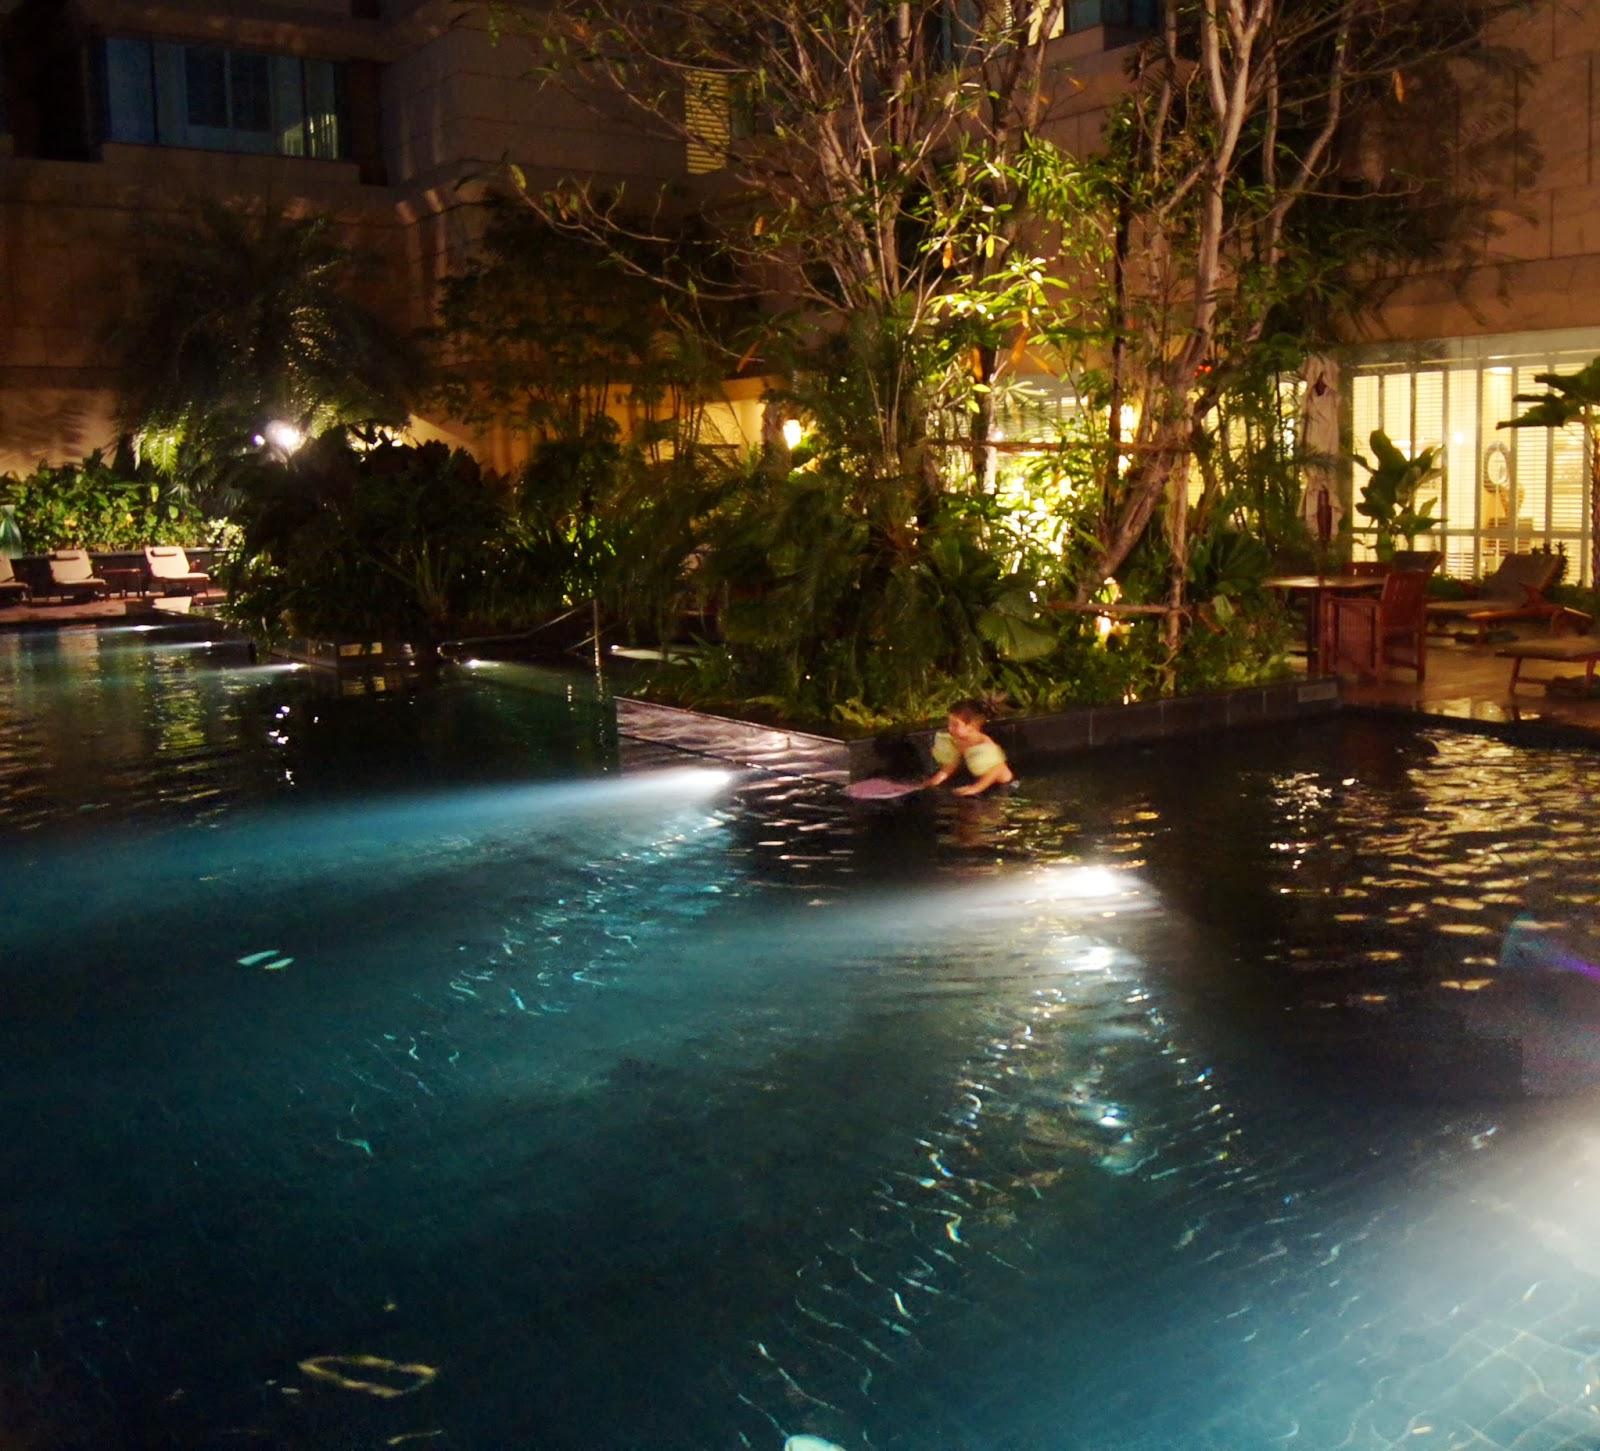 Hotel bangkok pas cher avec piscine for Piscine a debordement thailande